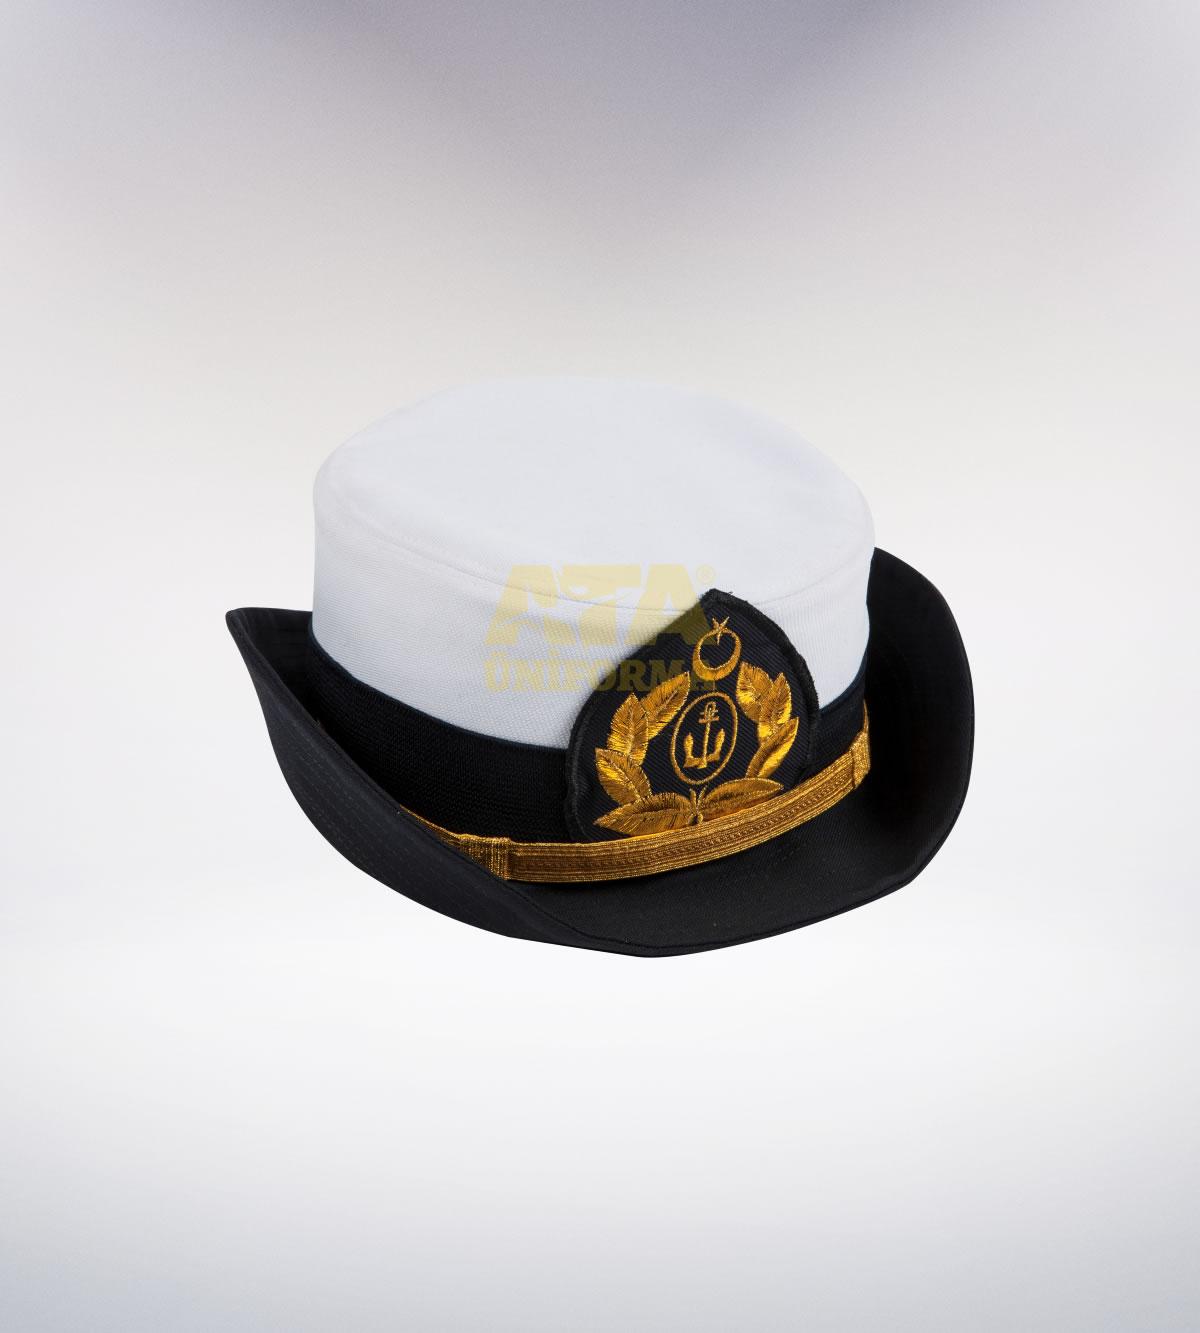 ATA-1114 Deniz tören şapka (Bayan) - deniz elbiseleri   deniz üniformaları   deniz kıyafetleri